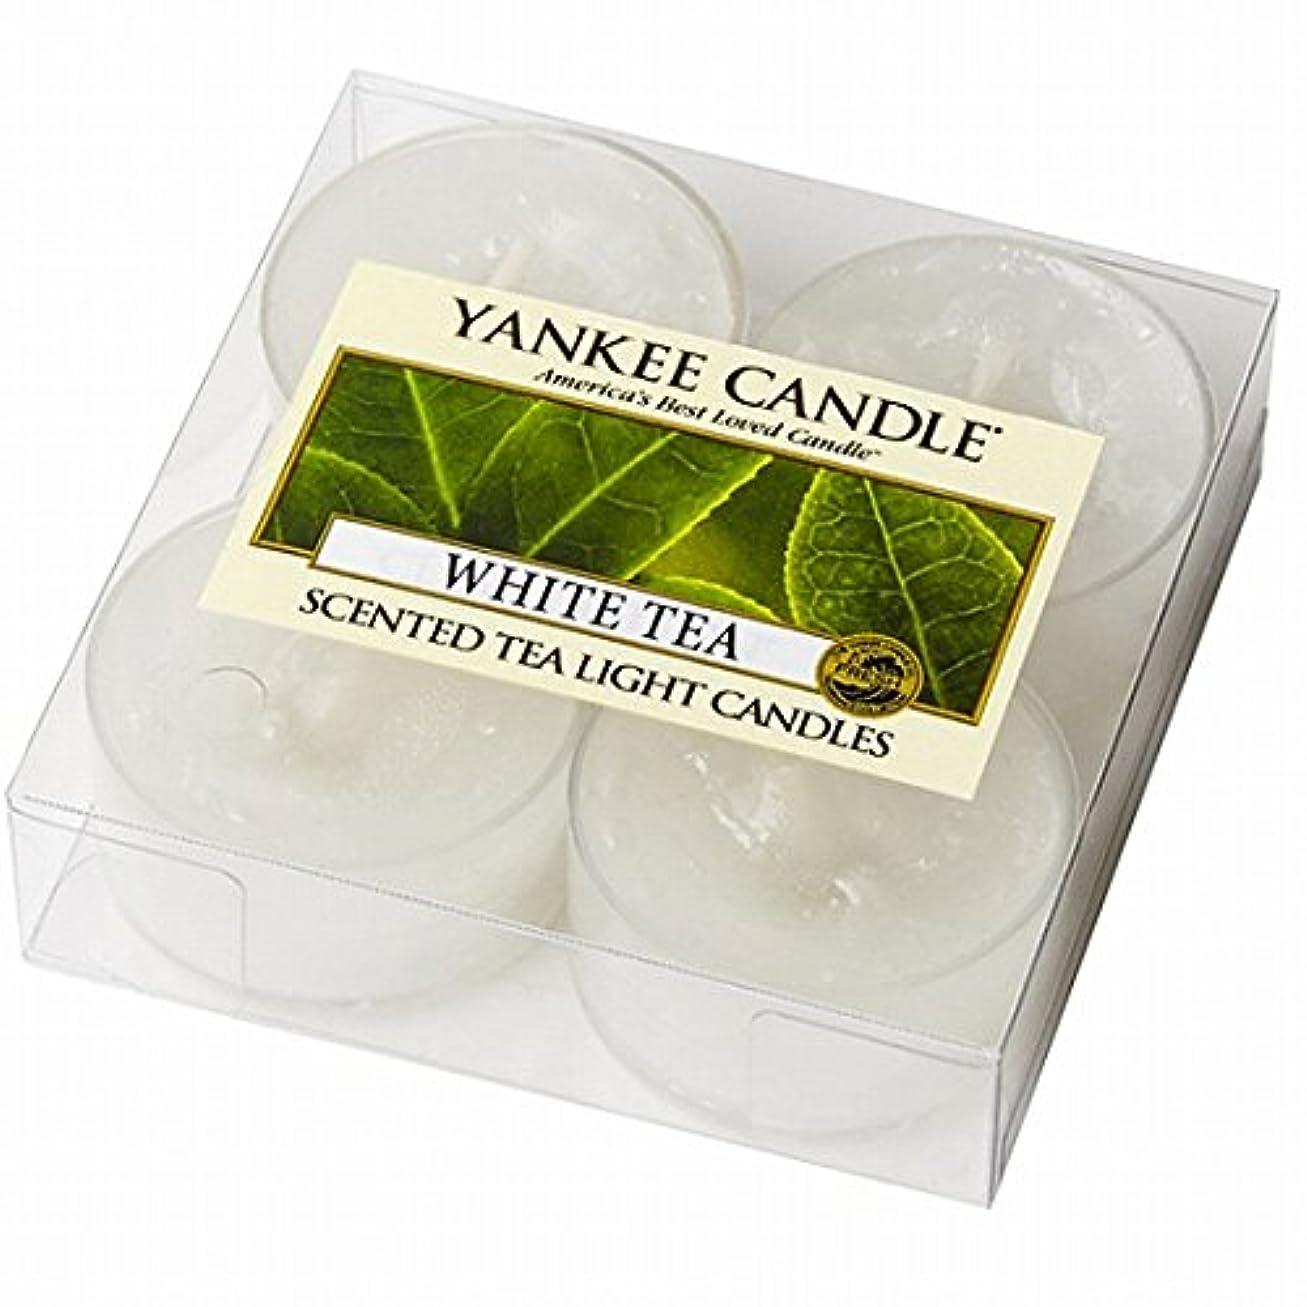 解説粒独裁YANKEE CANDLE(ヤンキーキャンドル) YANKEE CANDLE クリアカップティーライト4個入り 「ホワイトティー」(K00205277)